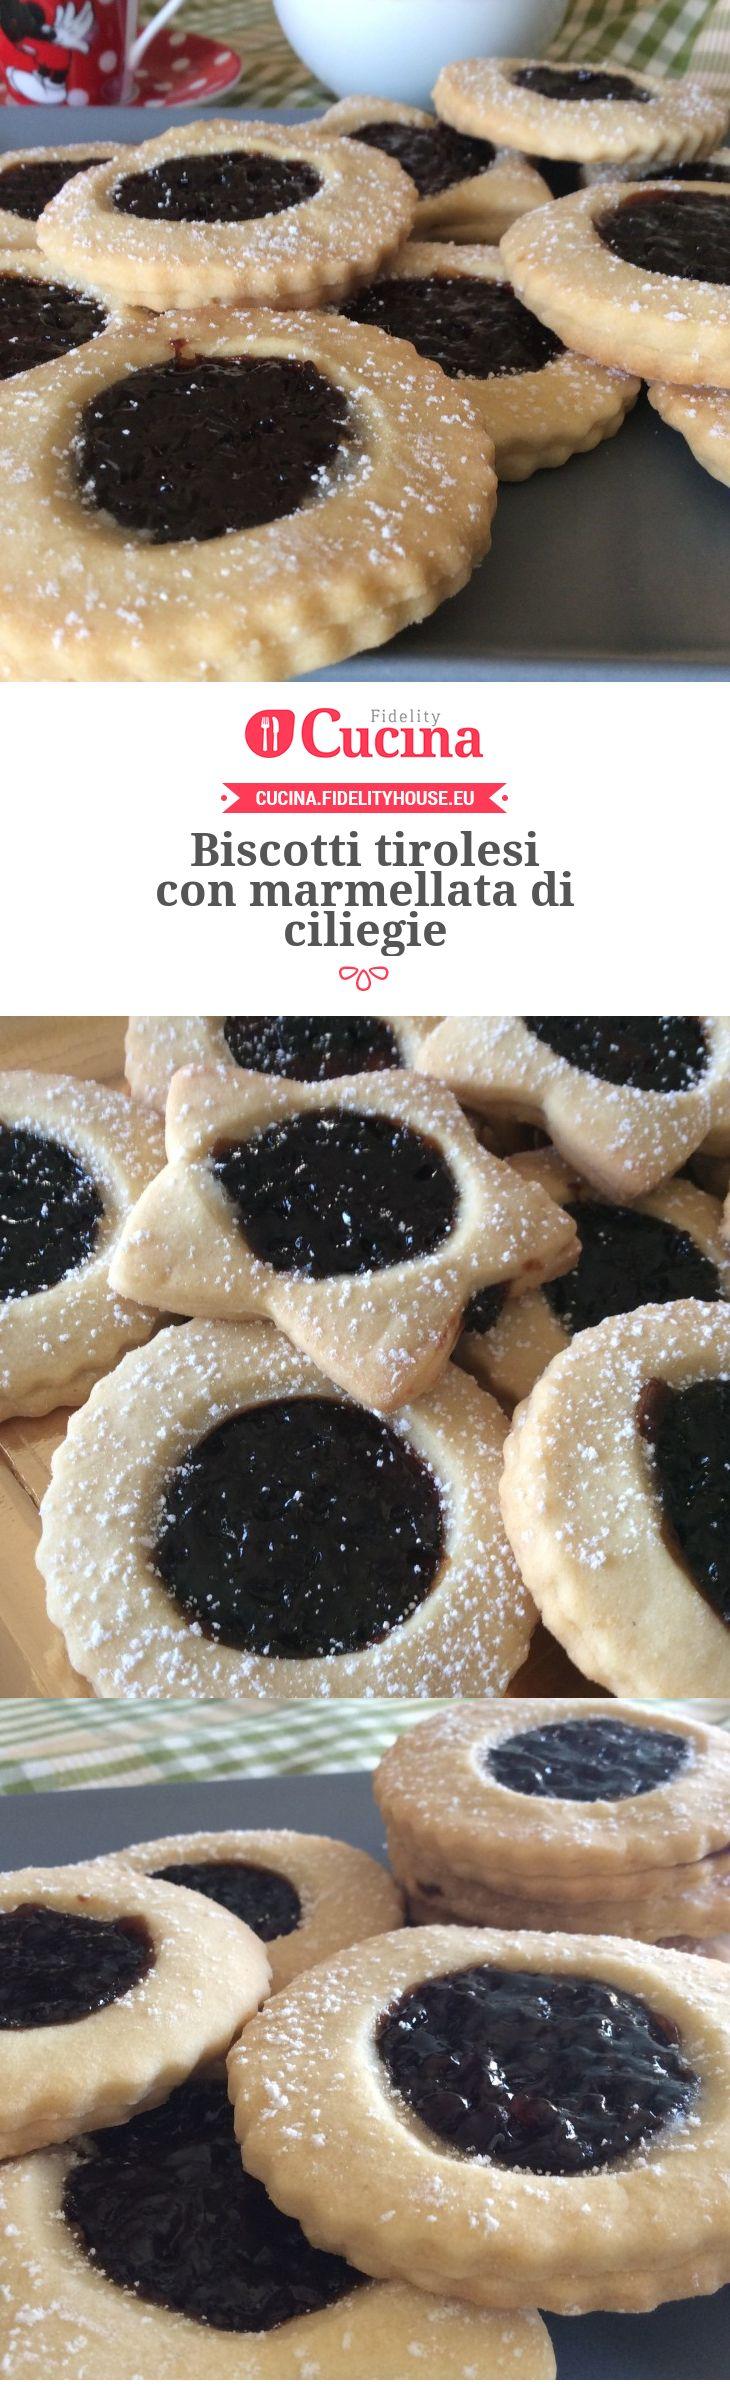 Biscotti tirolesi con marmellata di ciliegie della nostra utente Angela. Unisciti alla nostra Community ed invia le tue ricette!